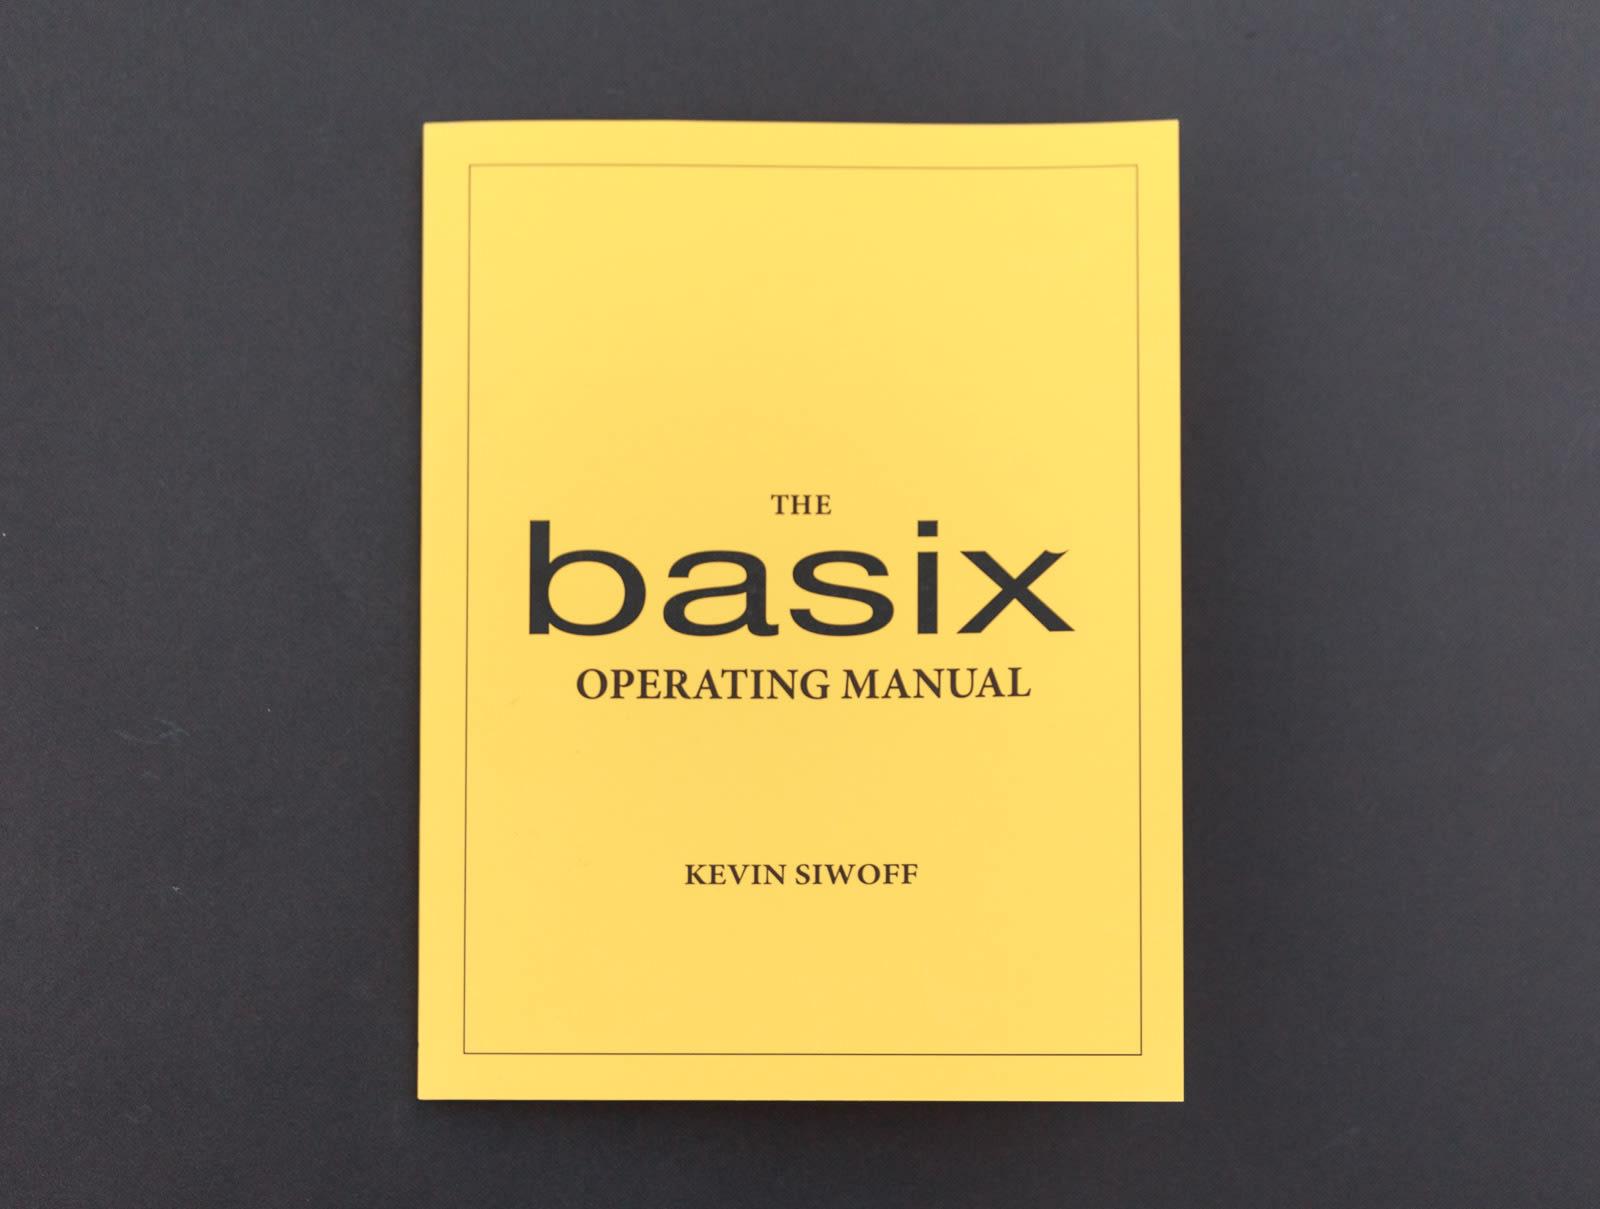 Basix Operating Manual